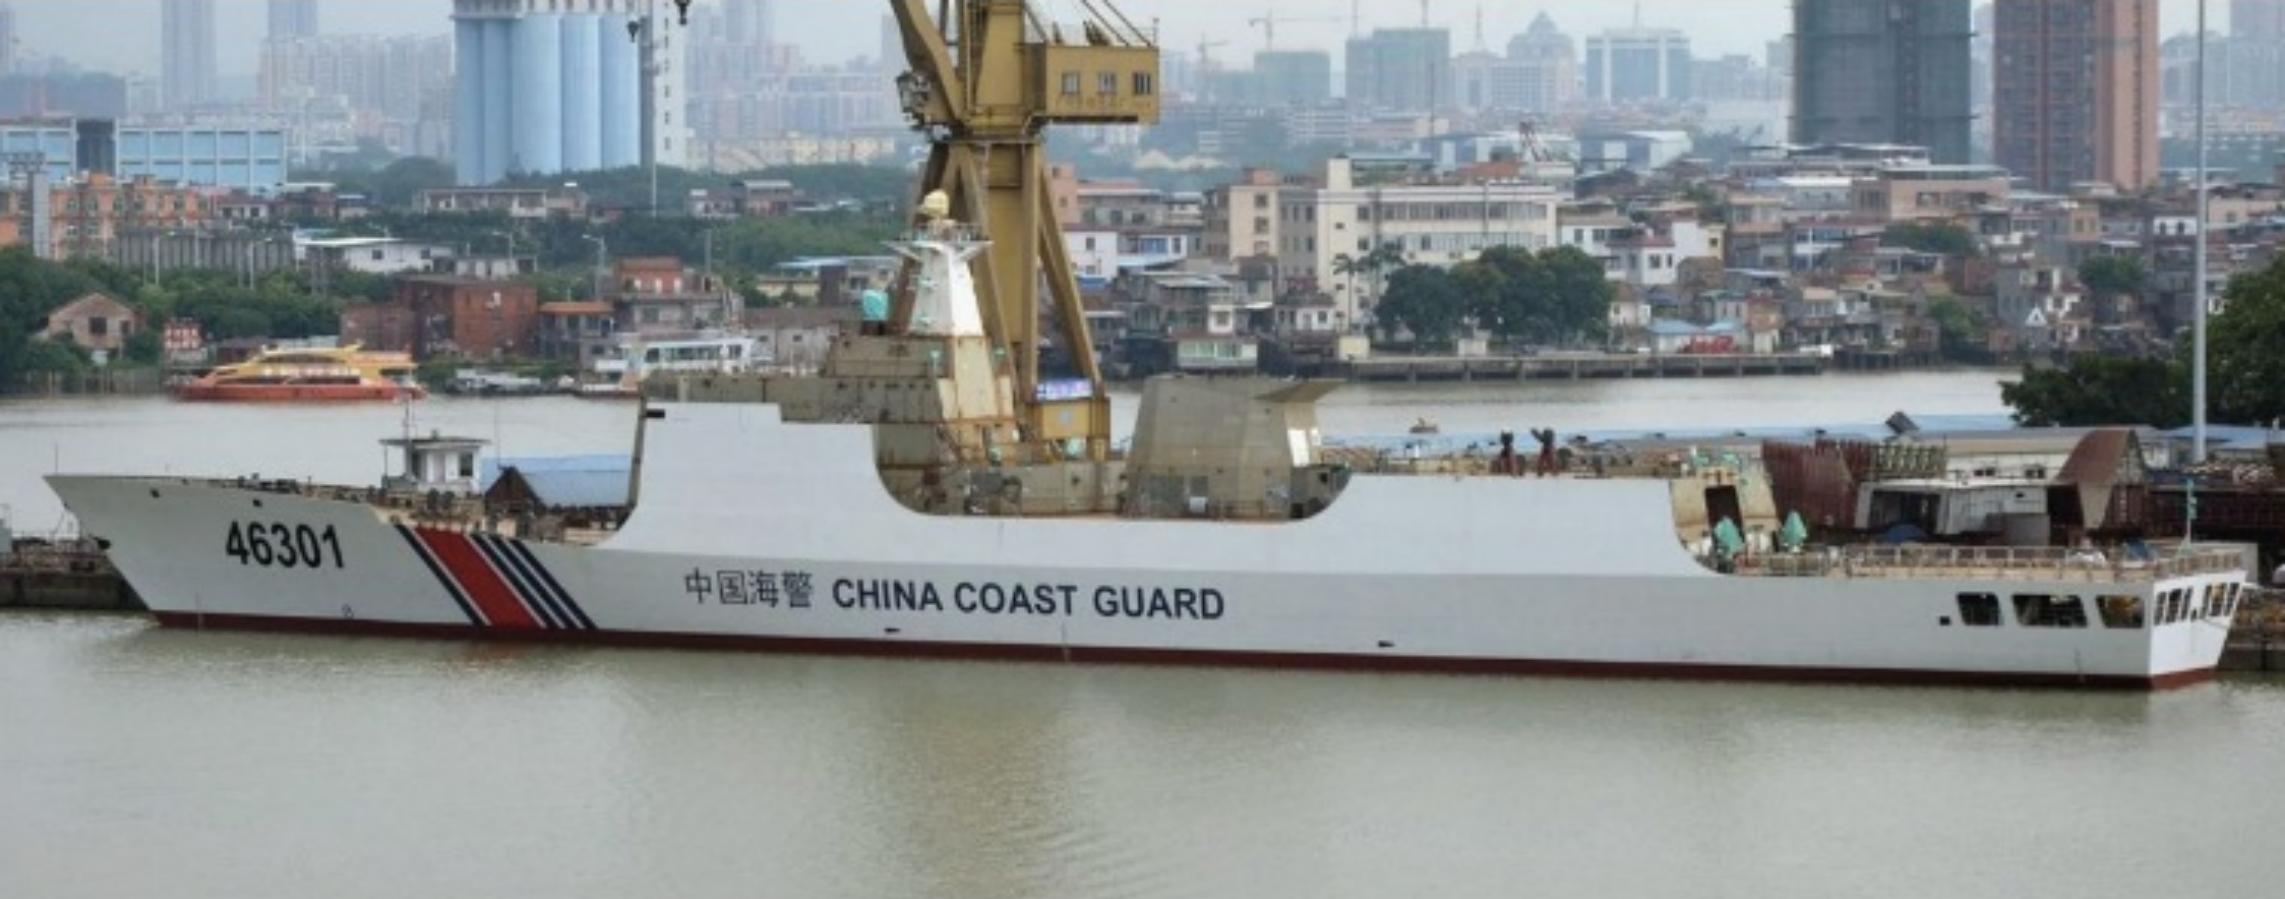 The latest China Coast Guard (CCG) ship